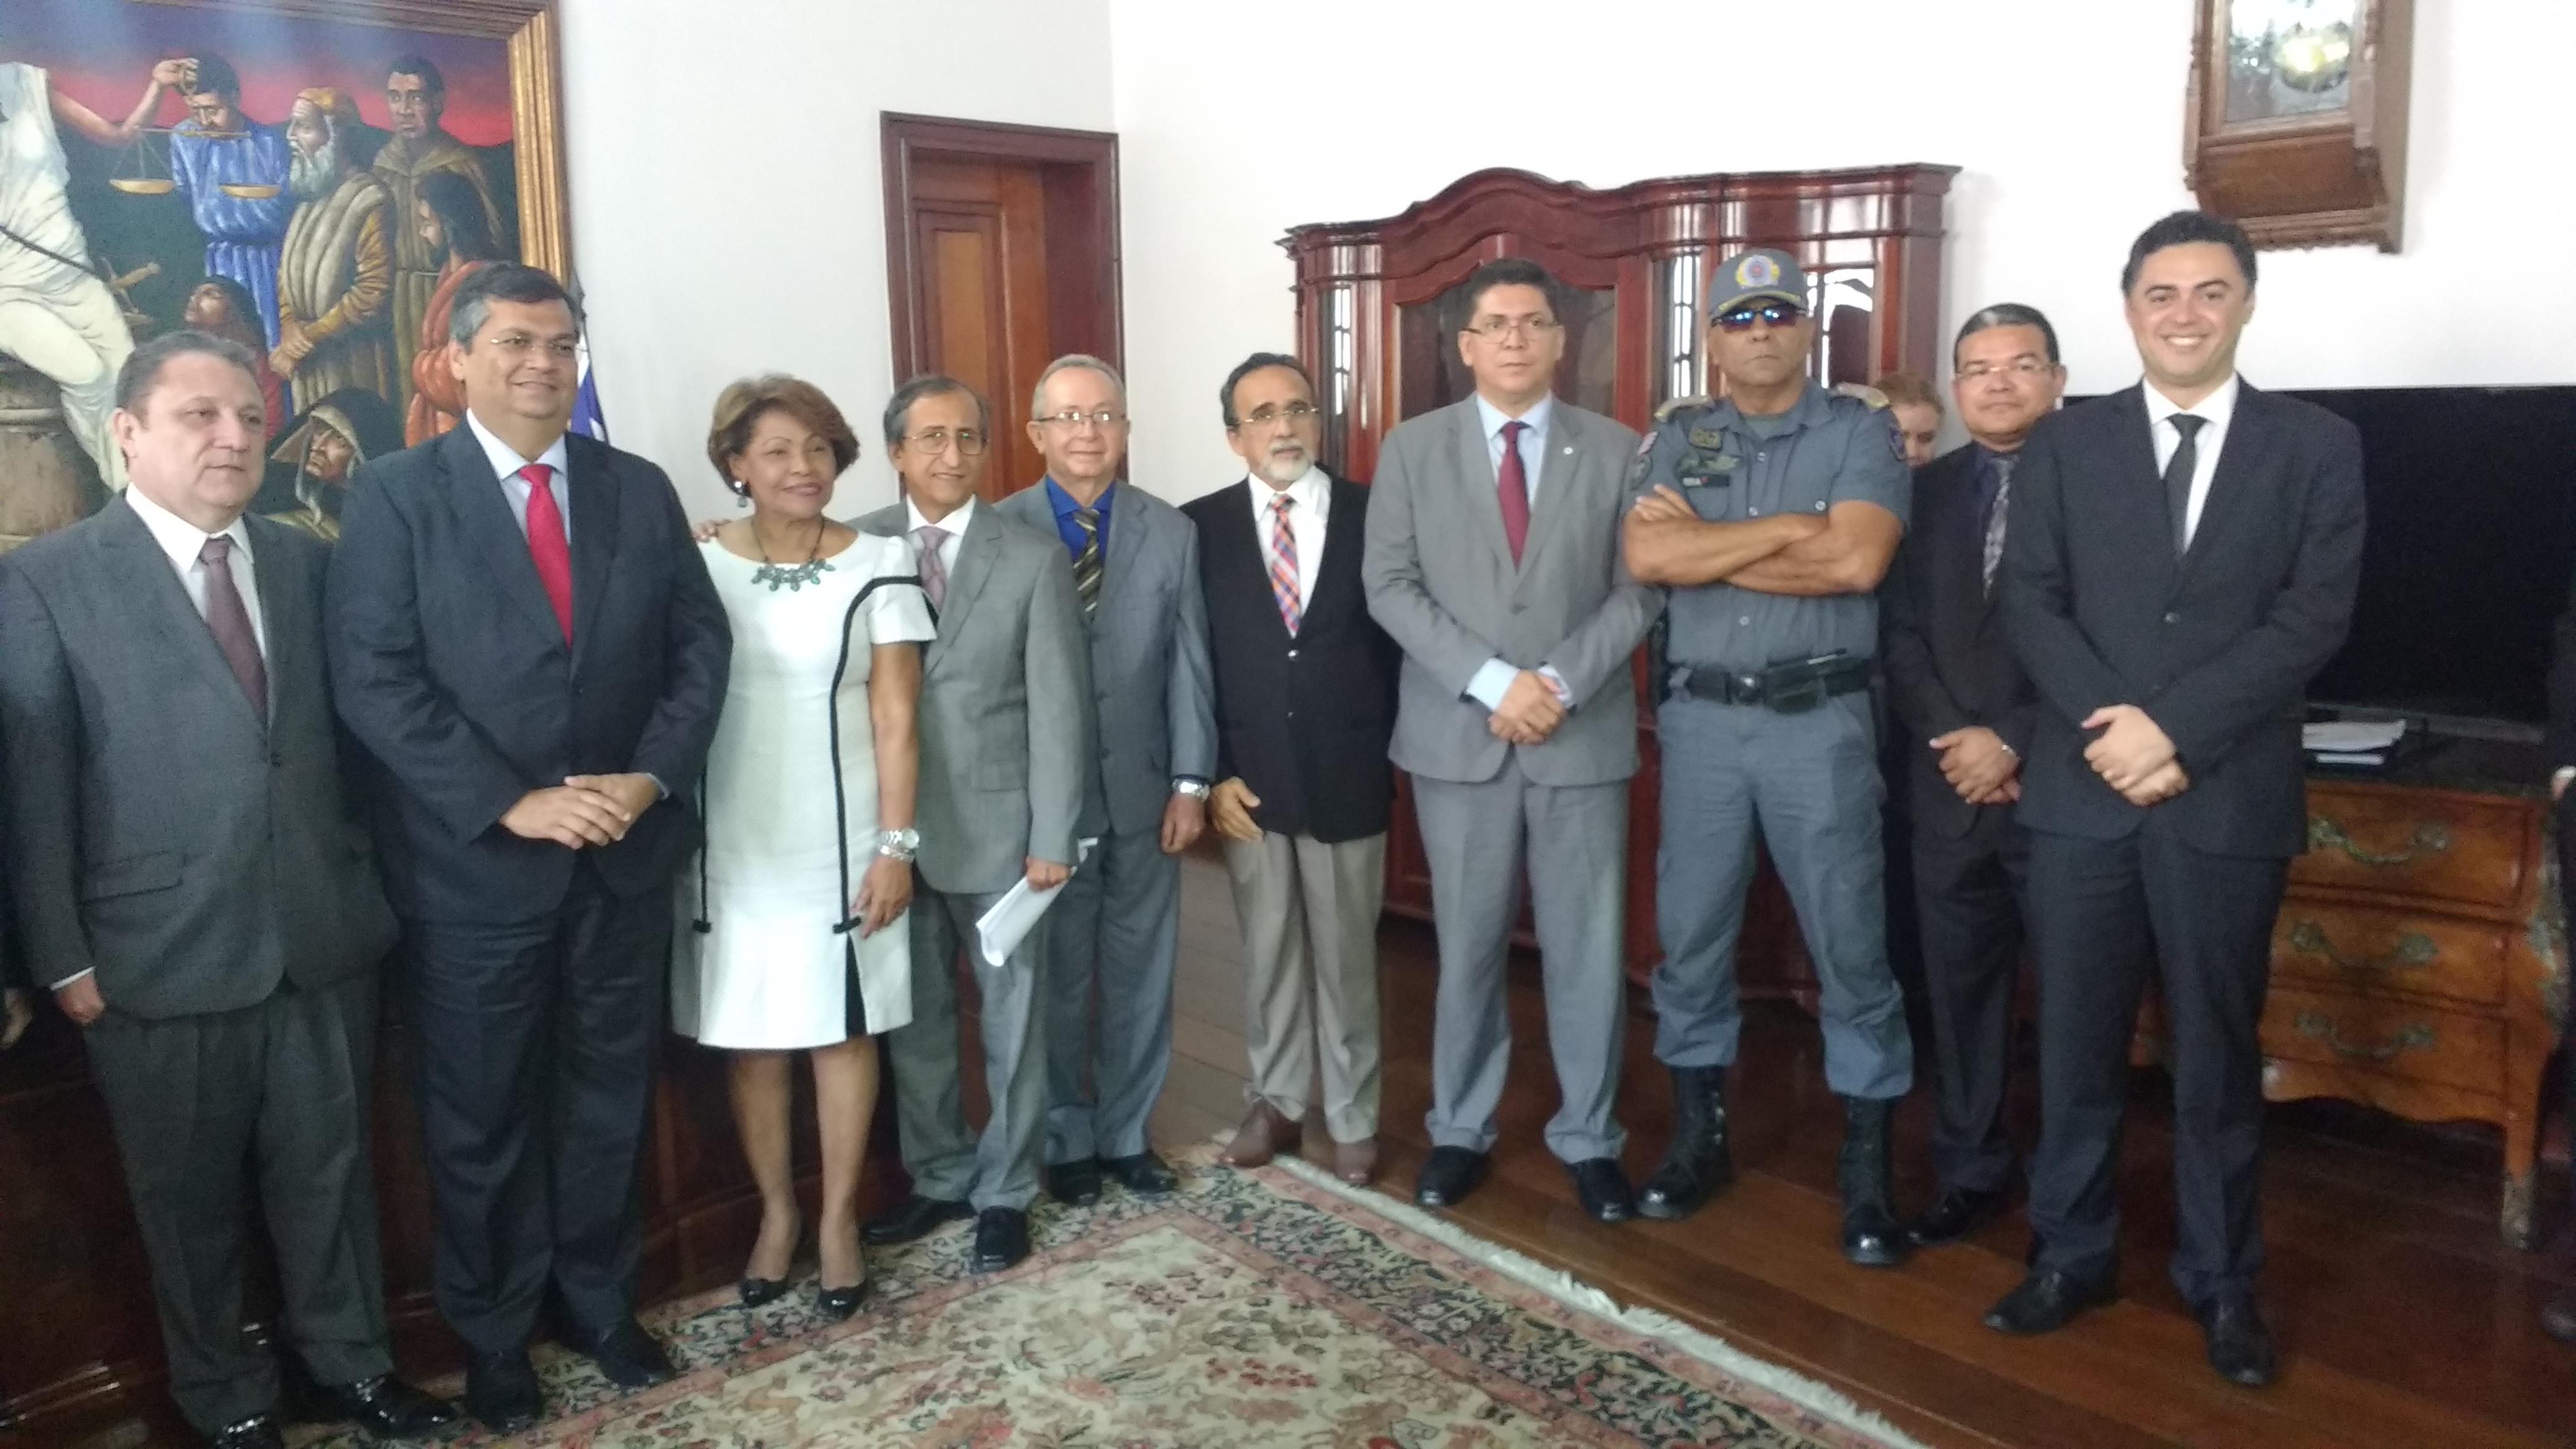 O Governador, a cúpula da segurança e o poder judiciário reúnem-se em observância aos avanços na segurança pública